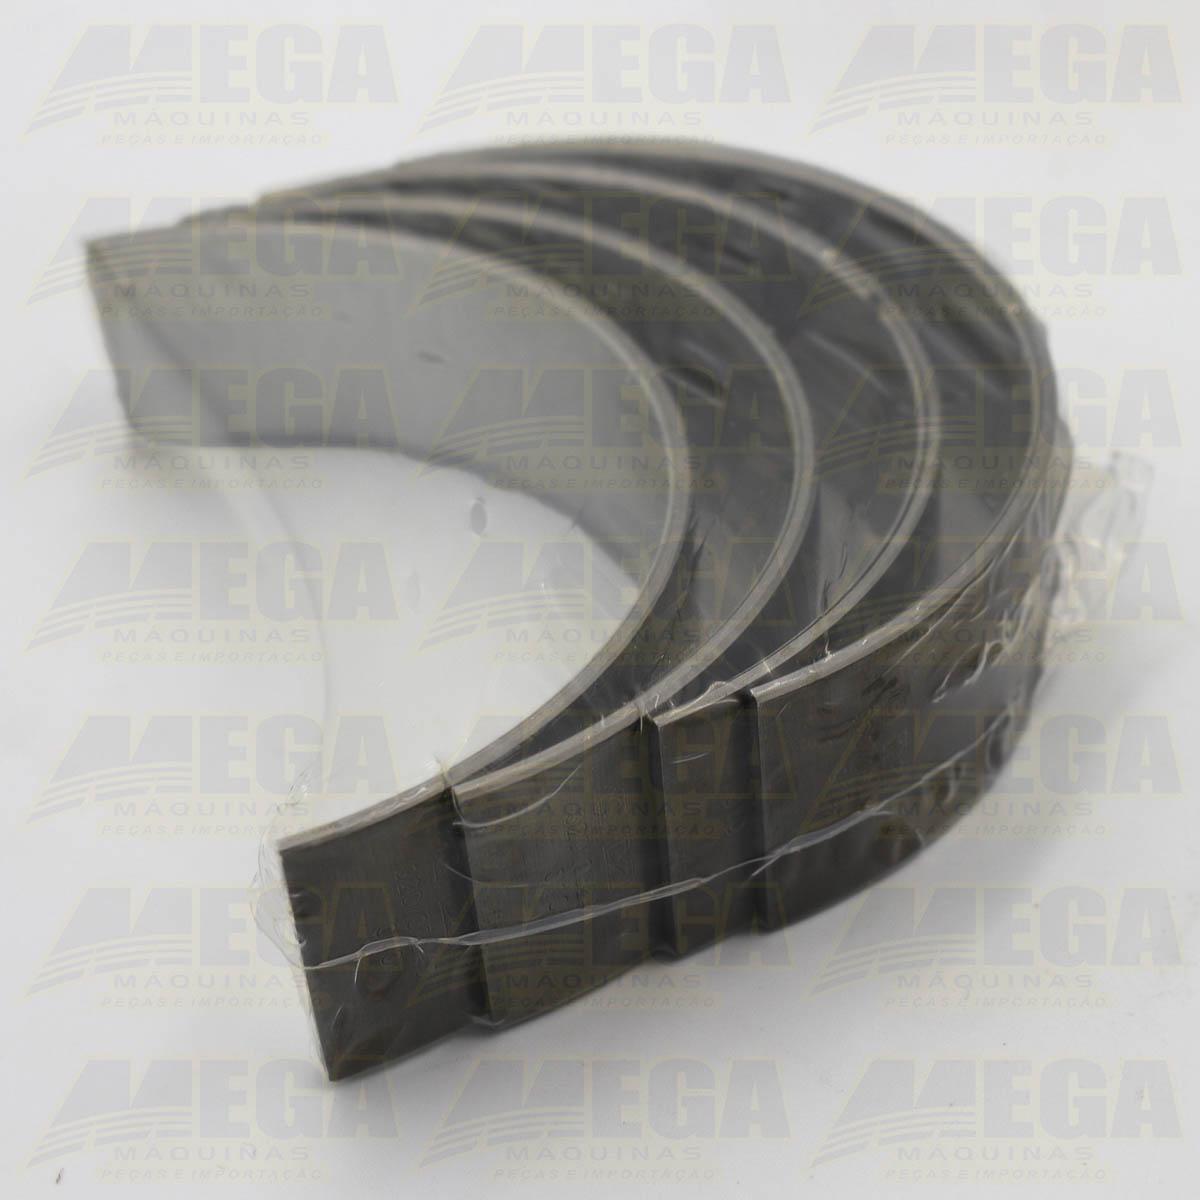 Kit de Bronzinas de Mancal 0.25mm